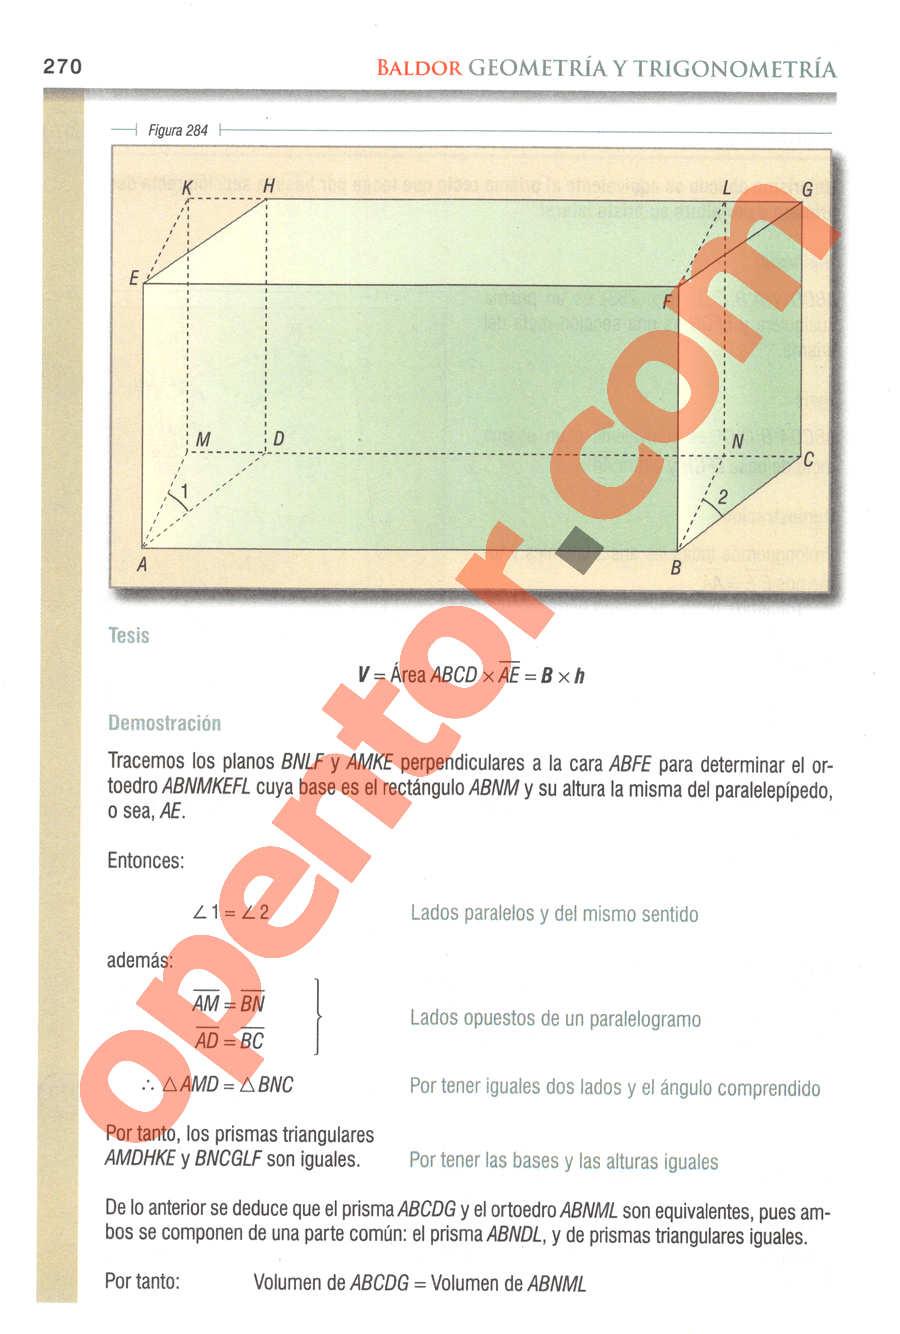 Geometría y Trigonometría de Baldor - Página 270